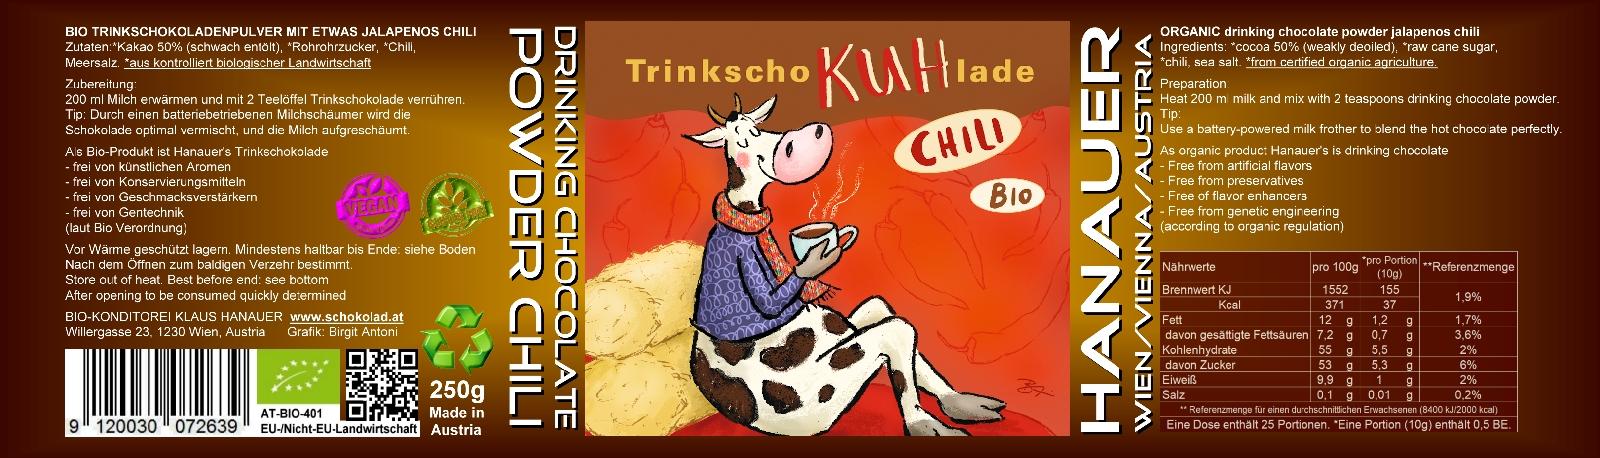 Bio Trink SchoKUHlade Chilli Etikett